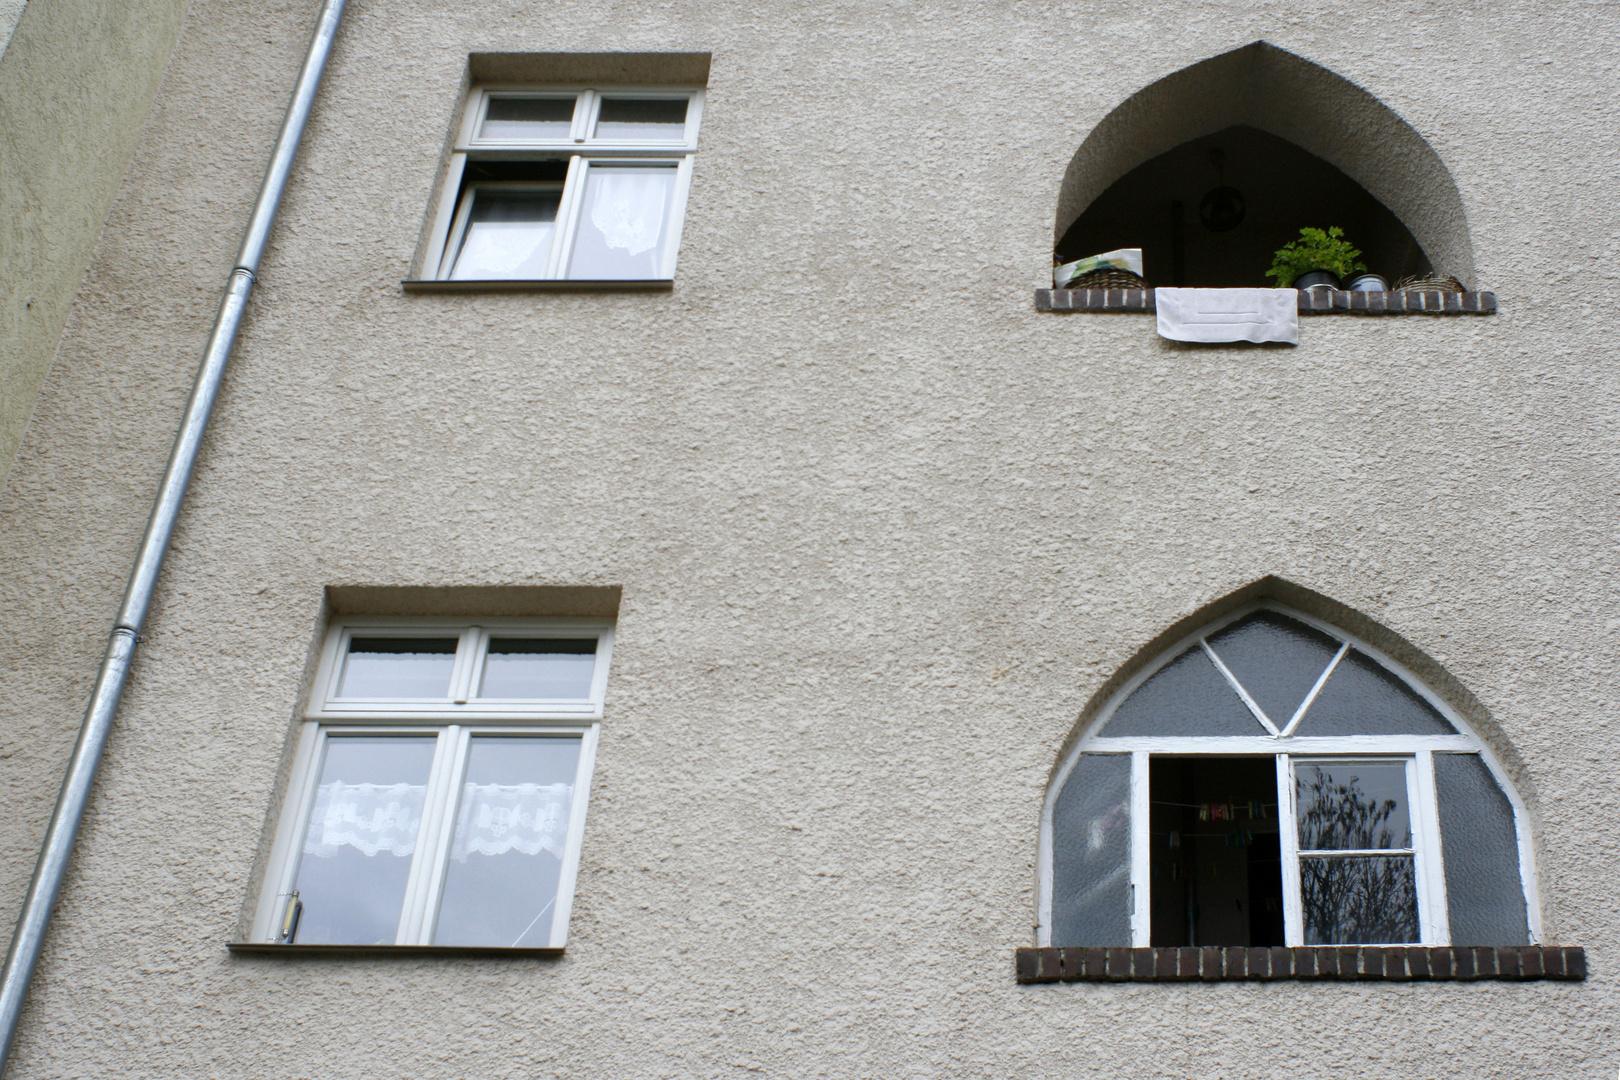 Wiesbaden_Fassade_Elsässer Platz